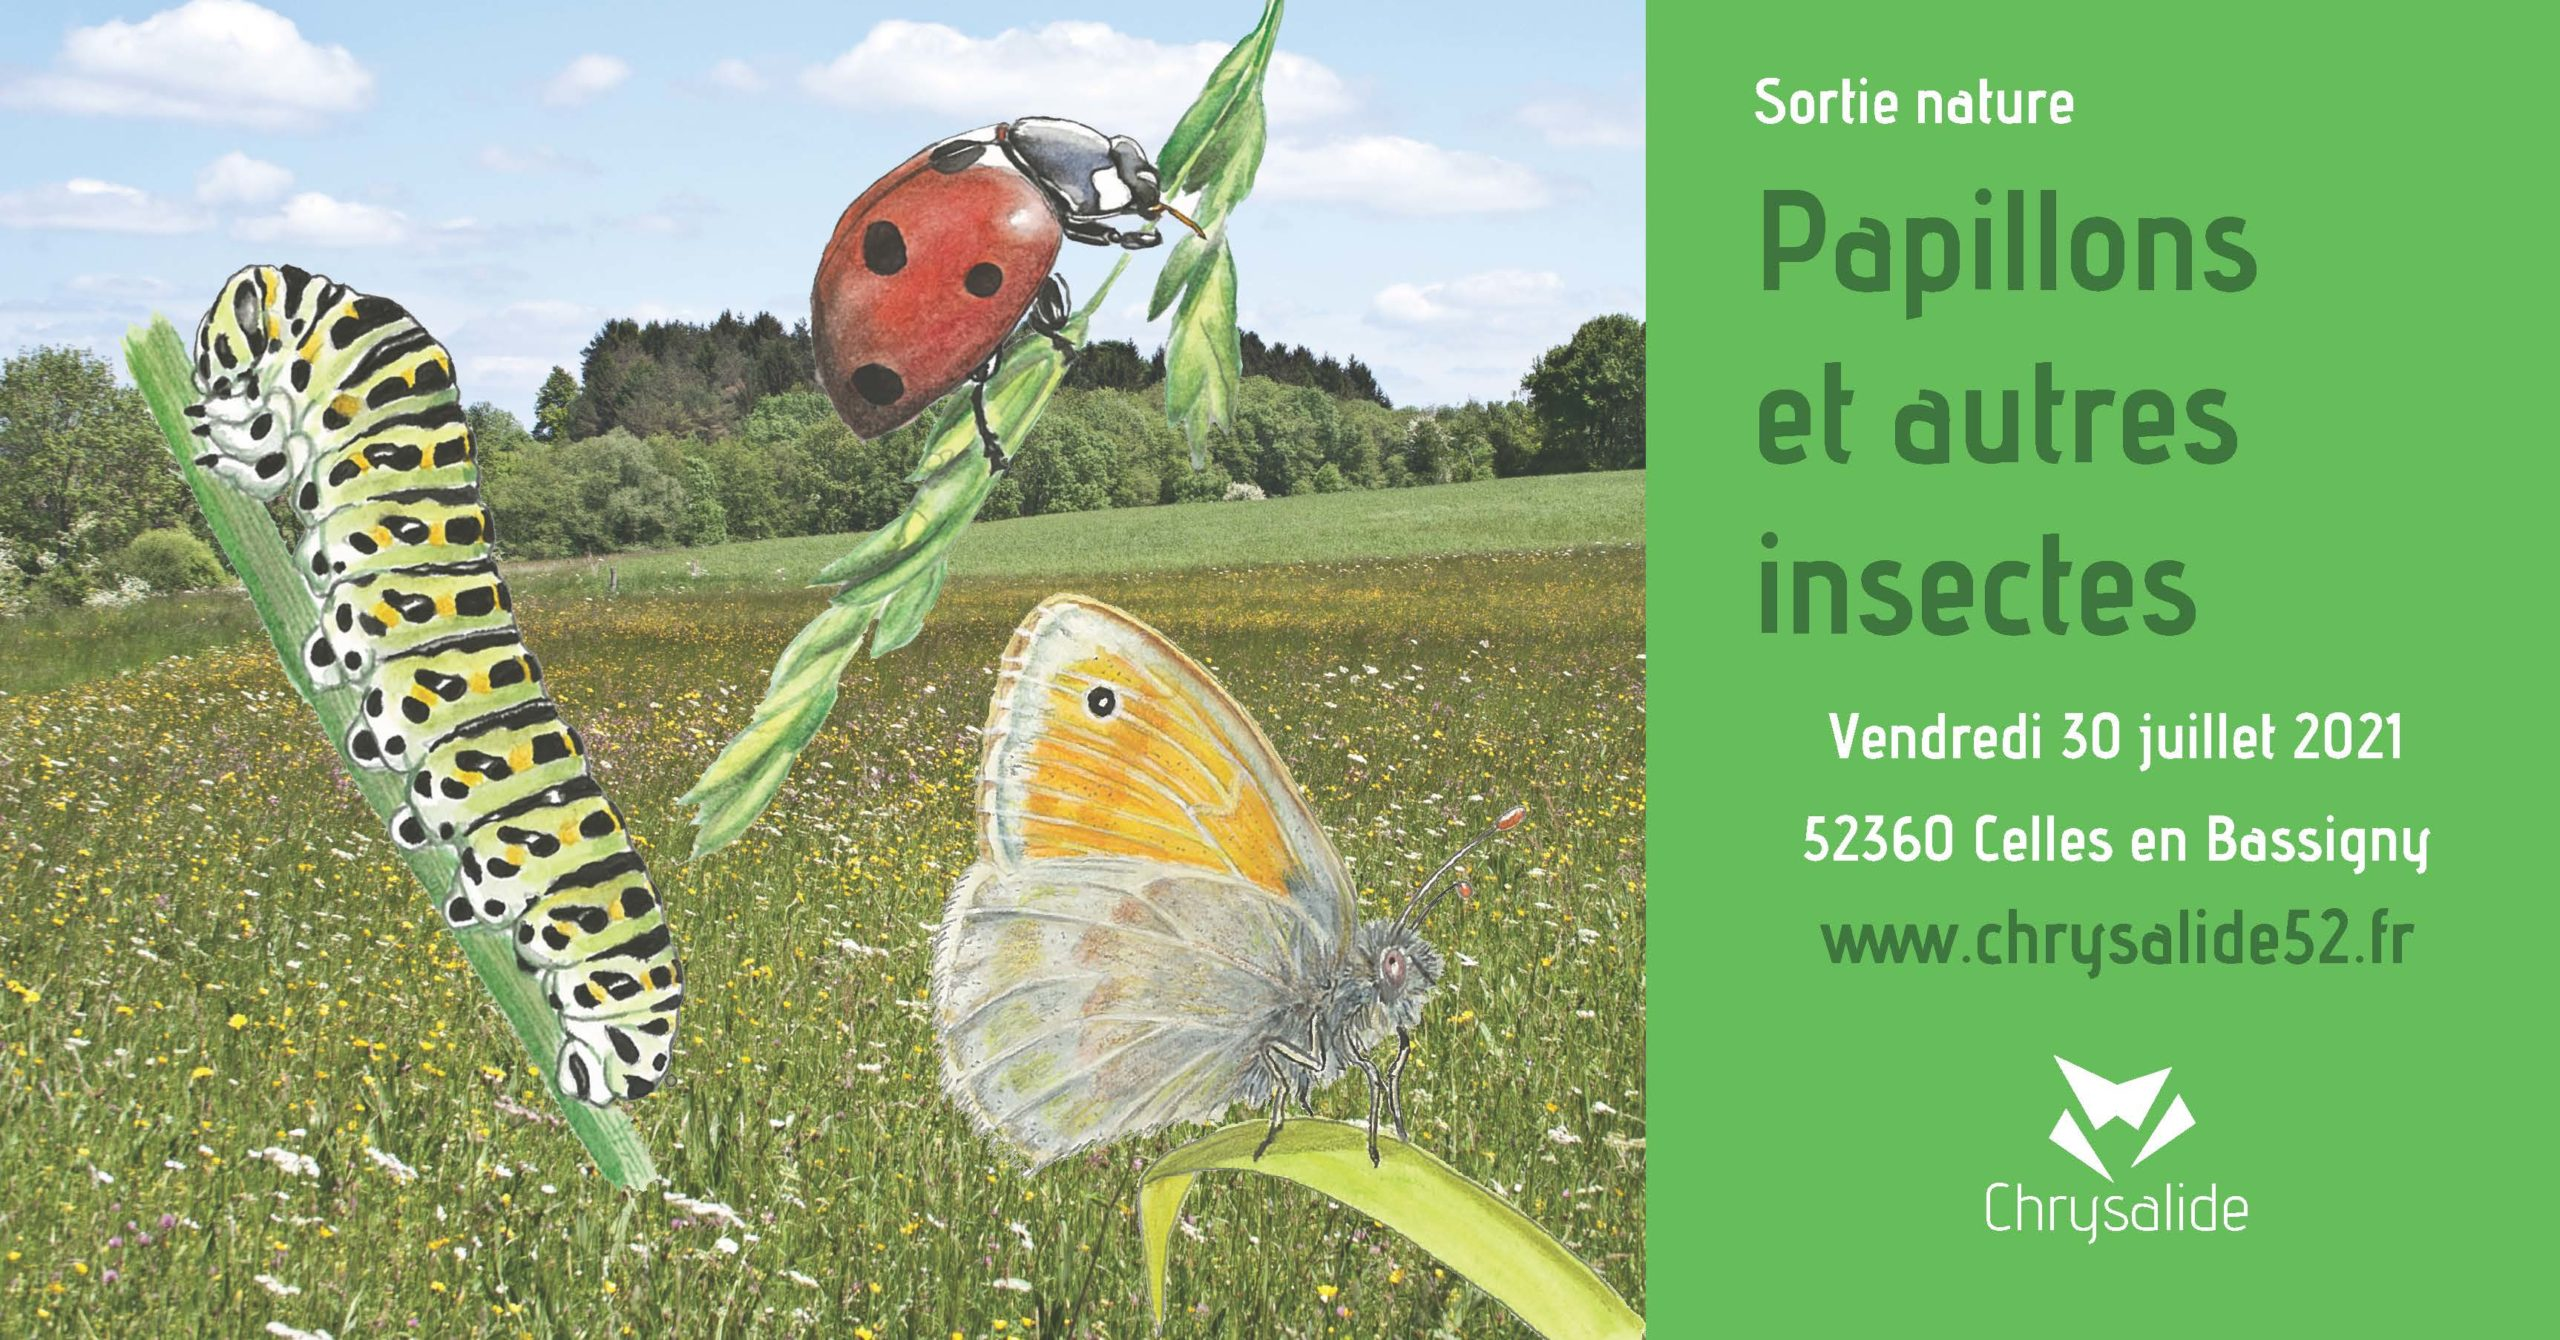 Sortie nature - Papillons et autres insectes- Chrysalide52 - Michael Geber - Haute-Marne